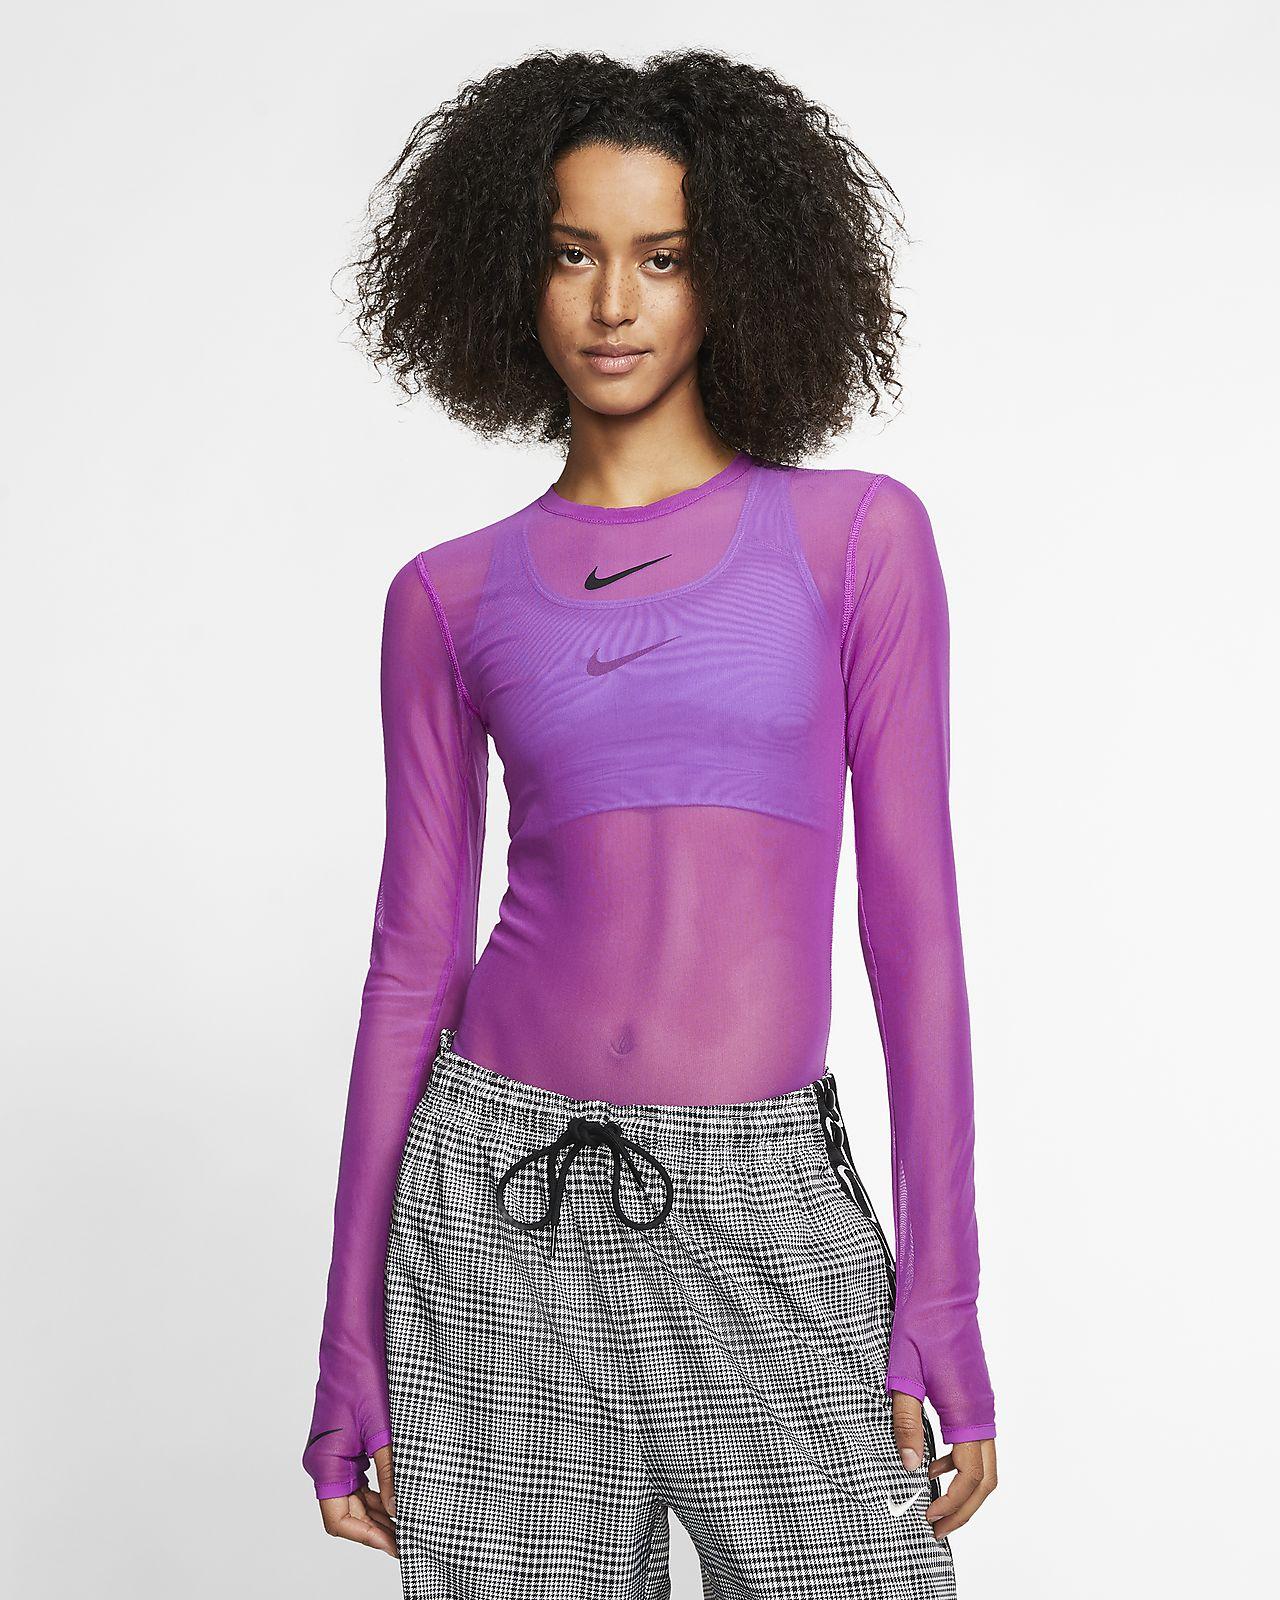 Γυναικείο ολόσωμο κορμάκι Nike Sportswear City Ready